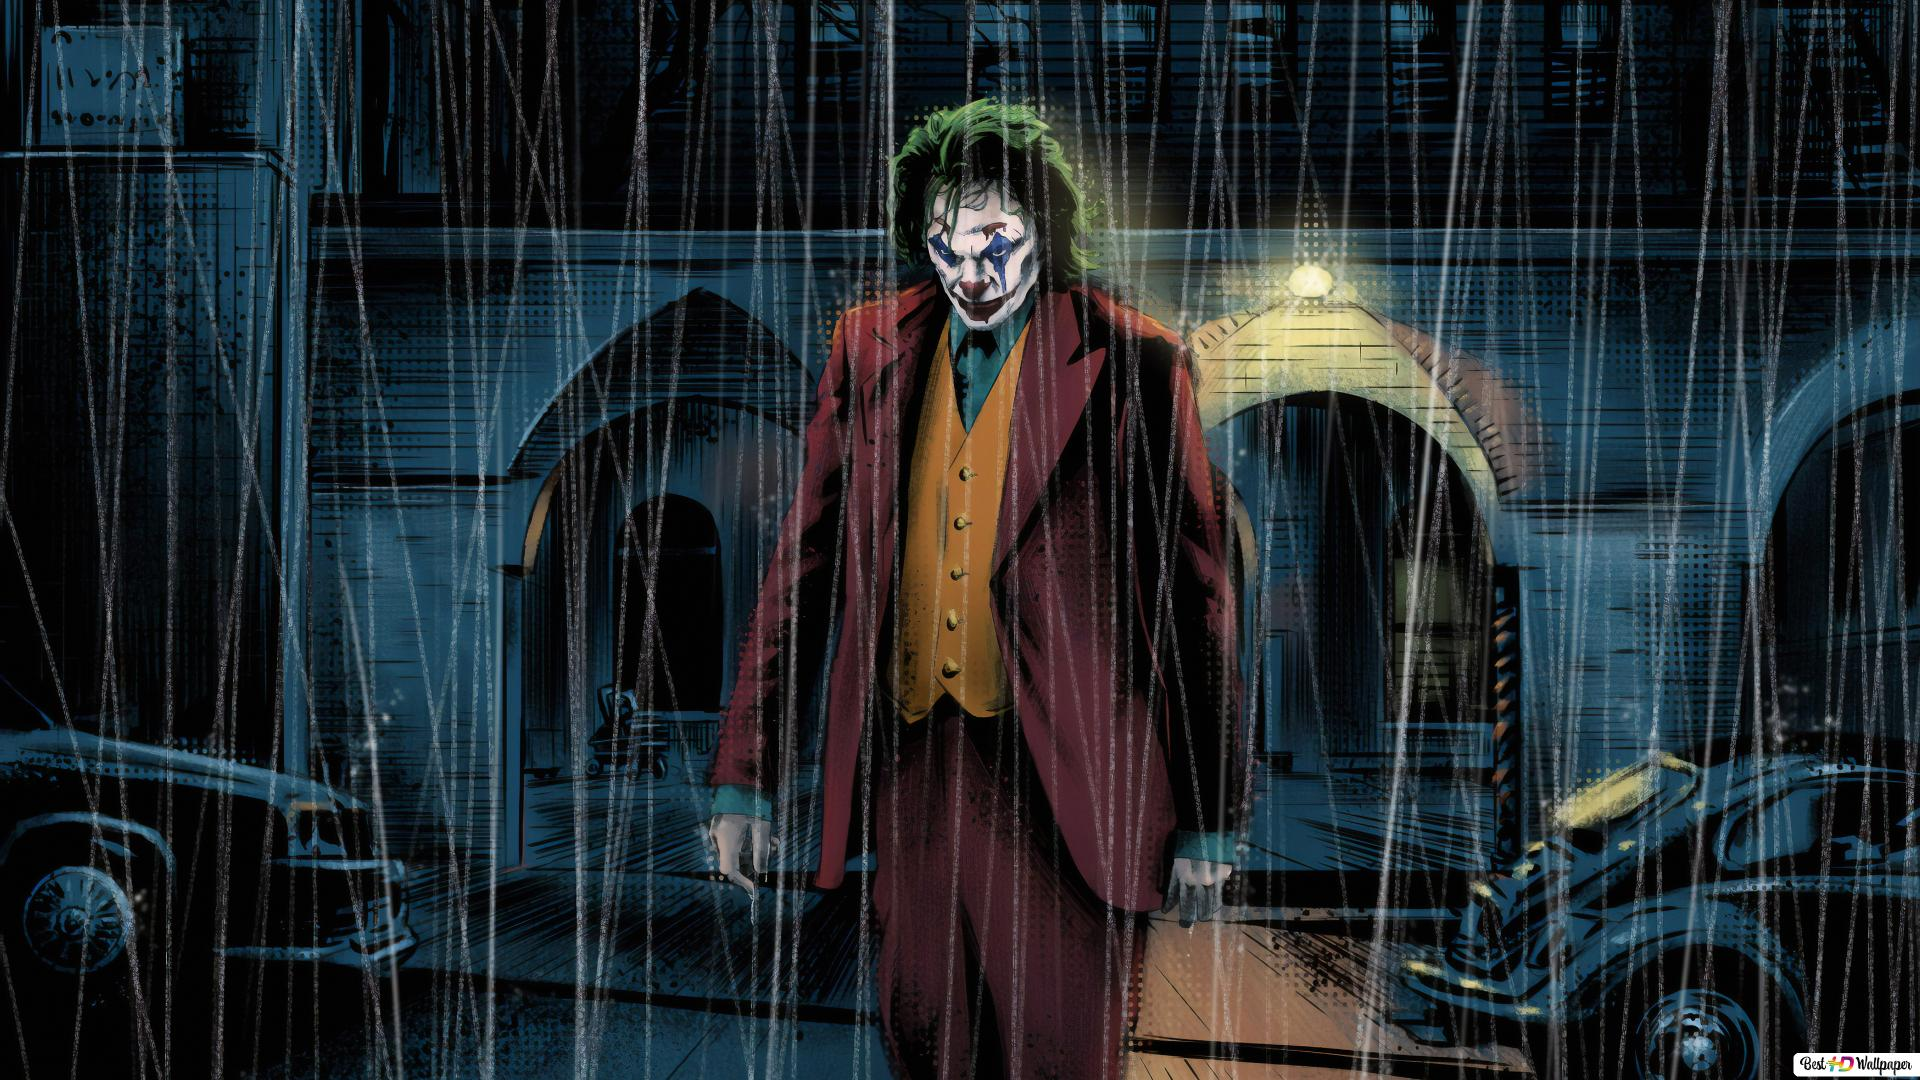 العلامة Joker Full Hd Wallpapers 1920x1080 أفضل الصور